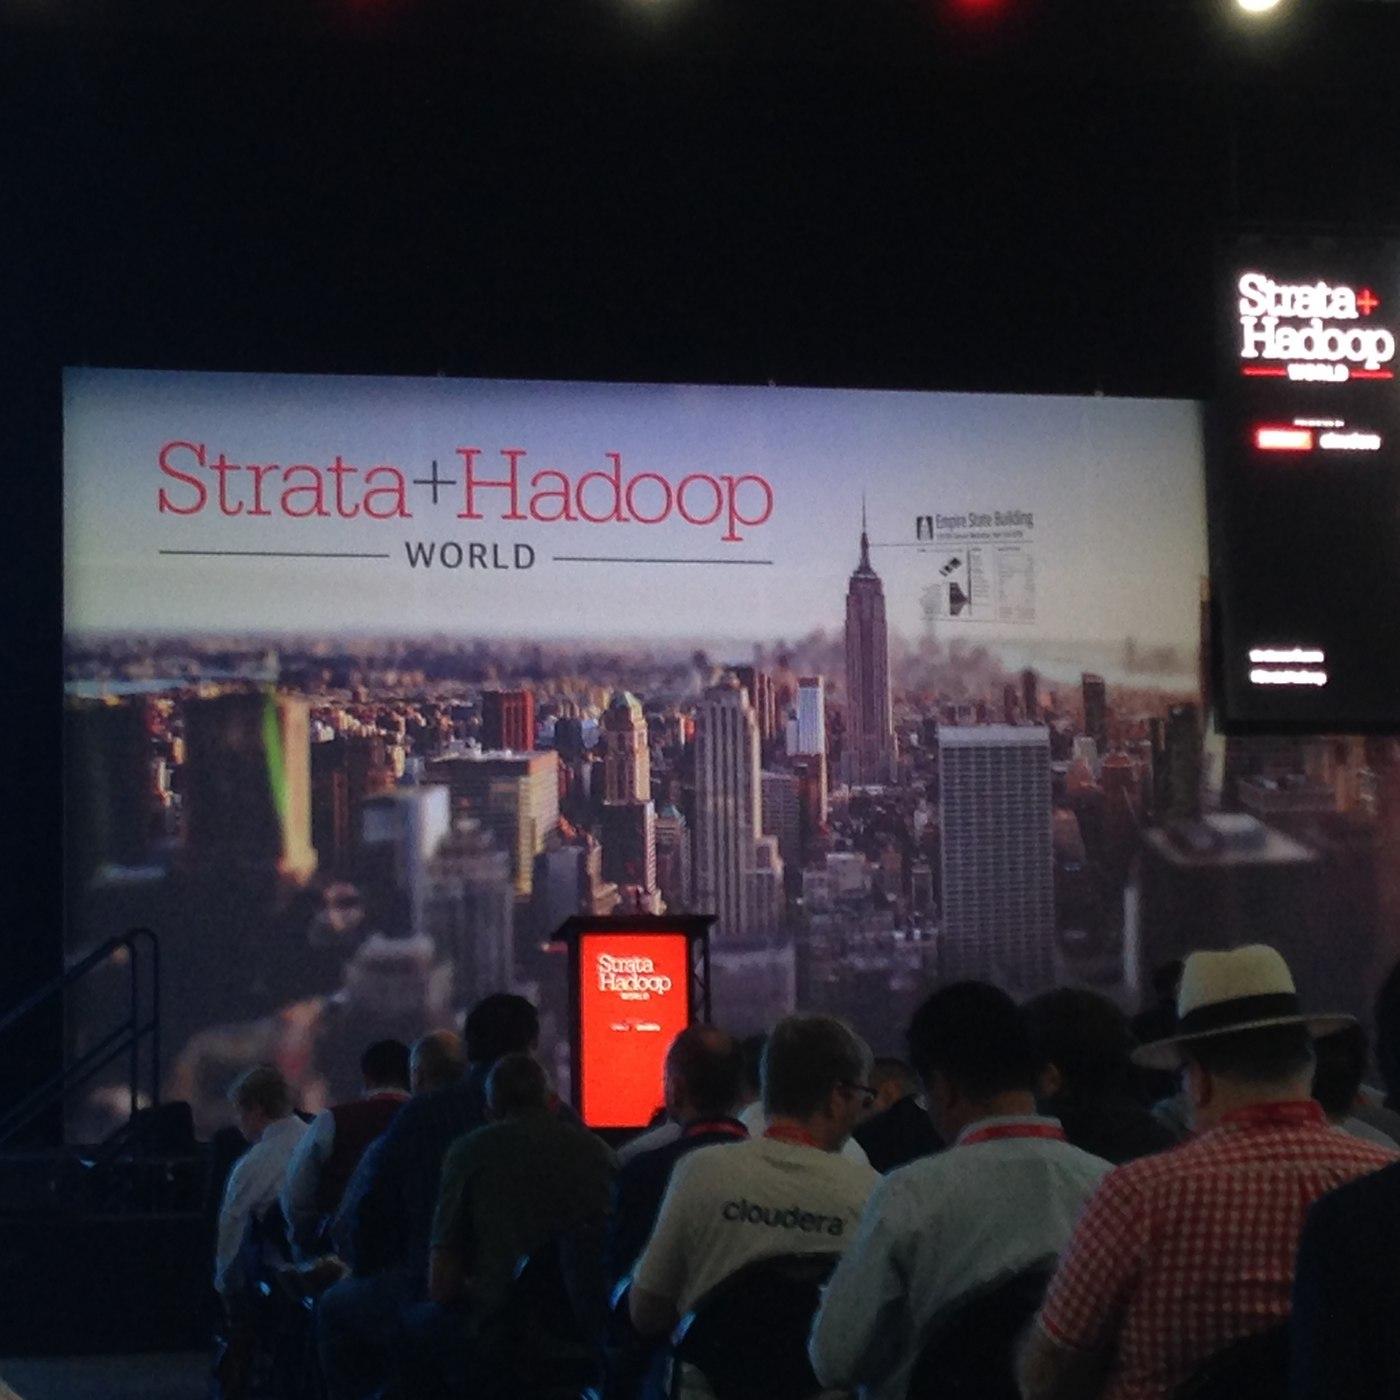 Strata+Hadoop.jpeg